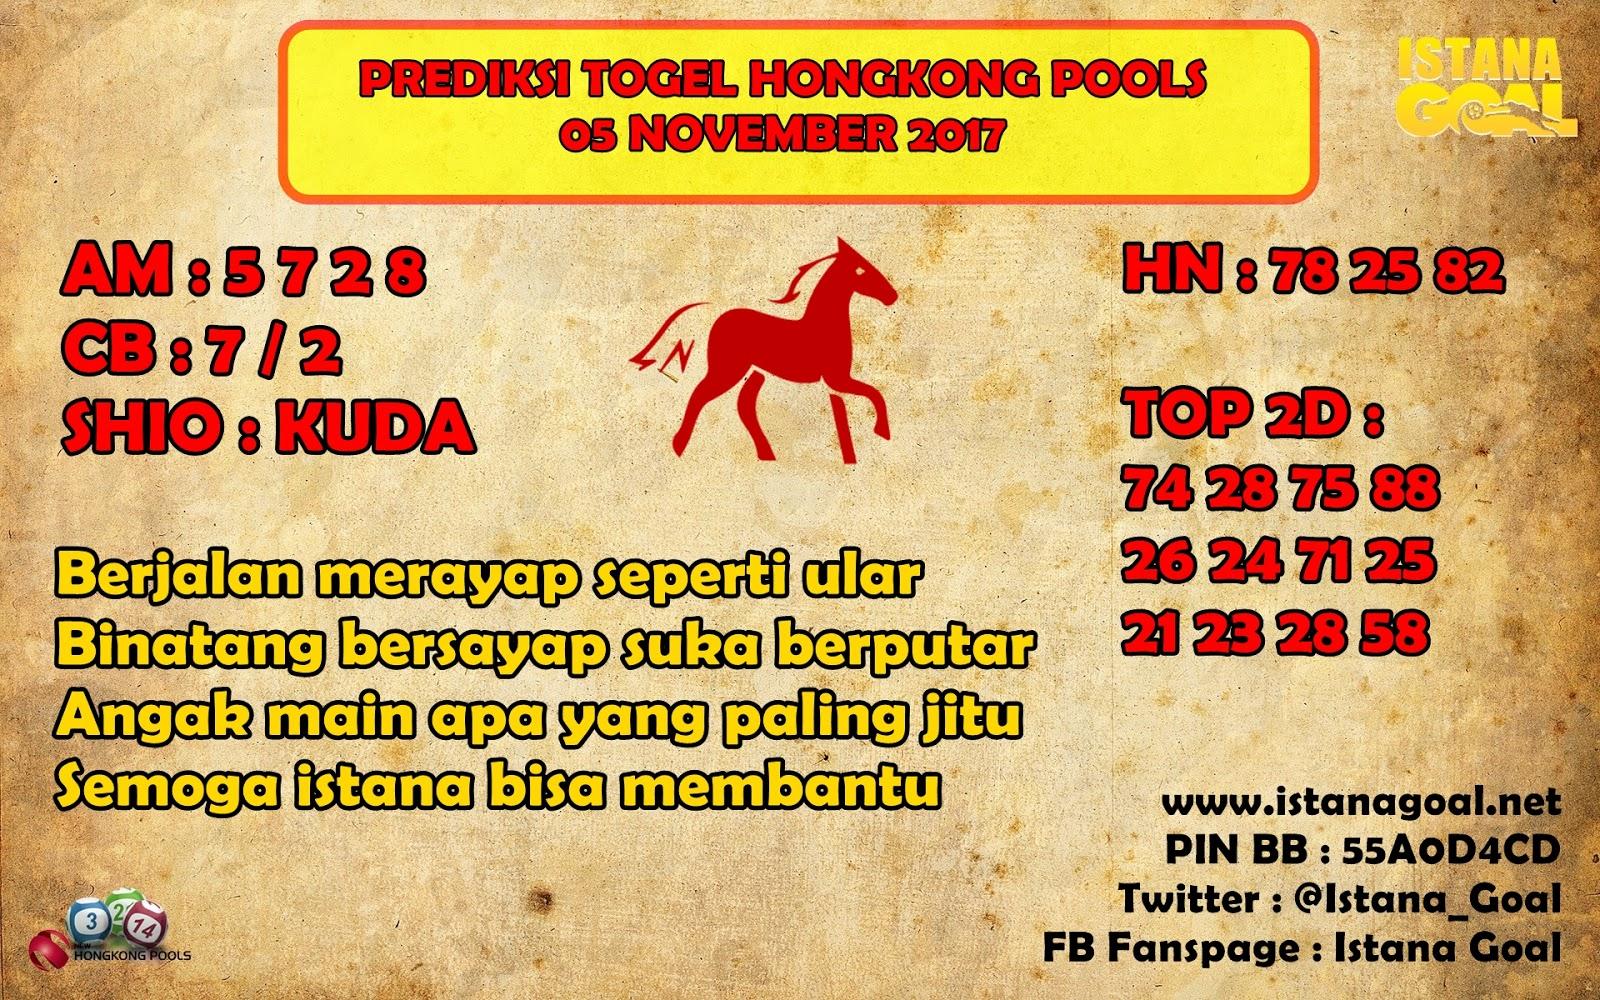 Hk Pools